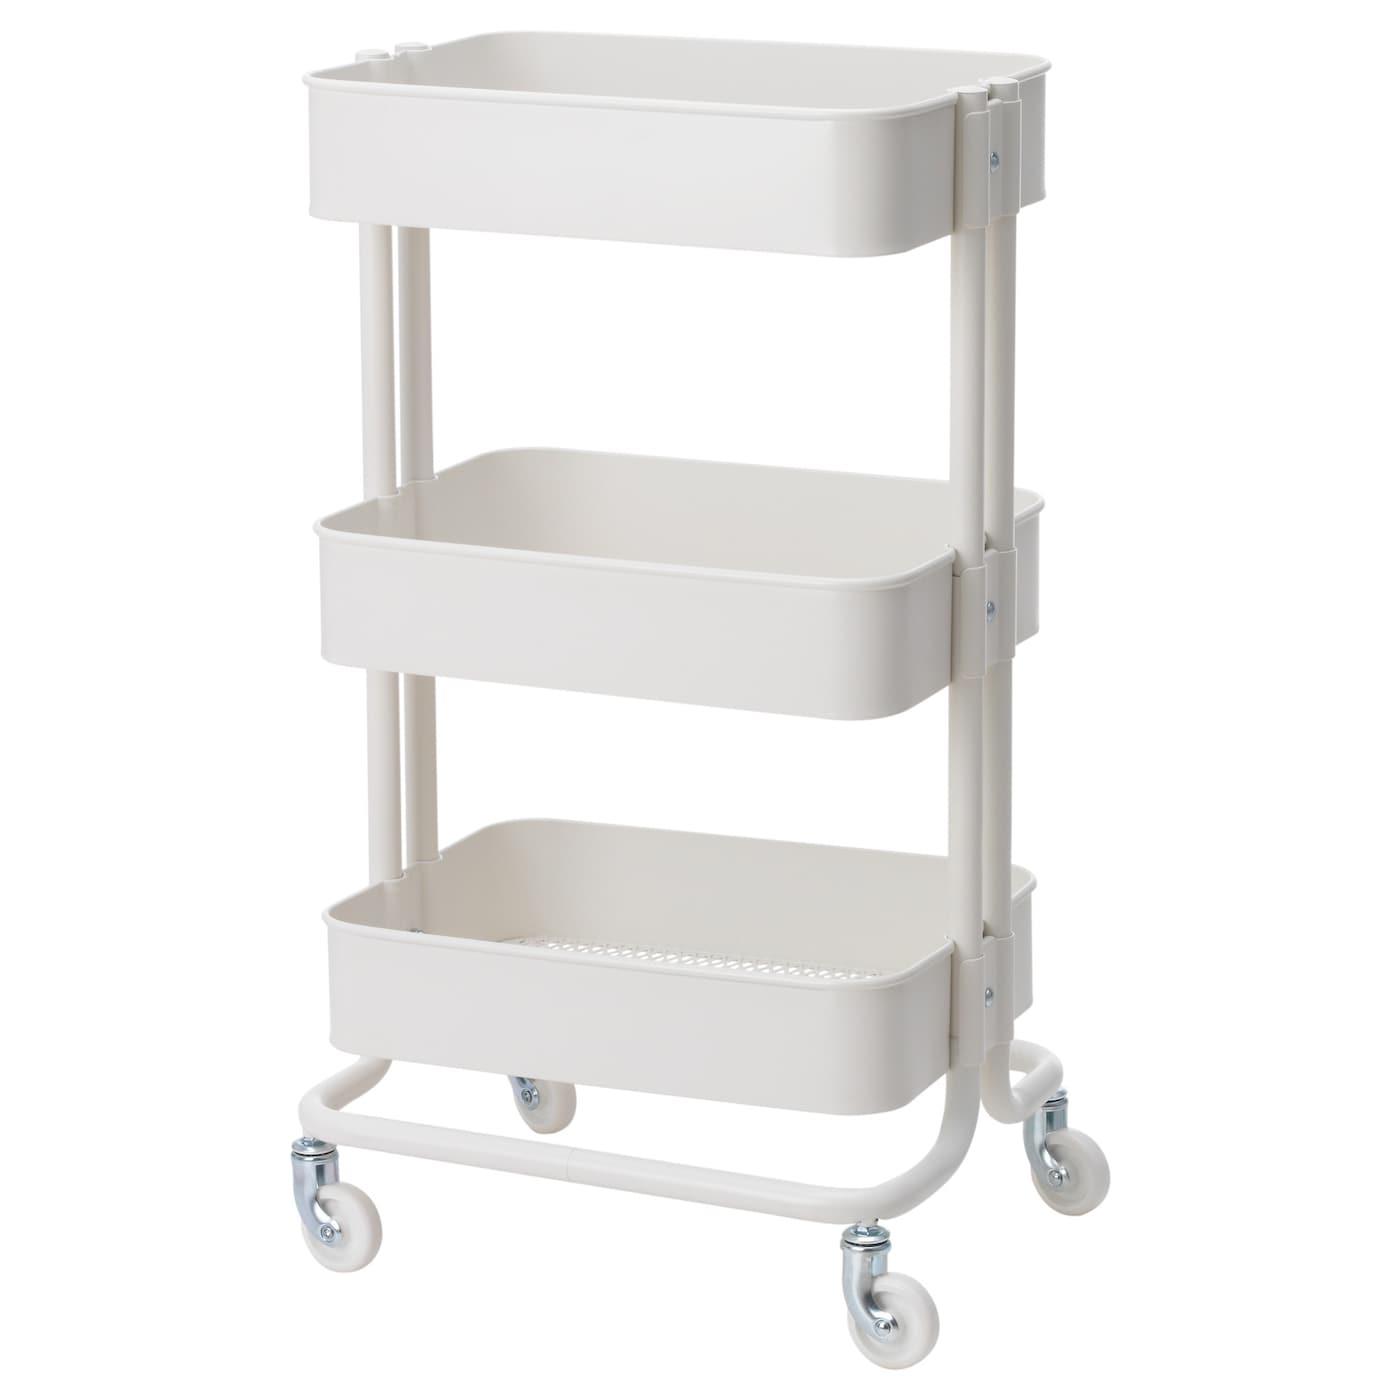 Raskog Utility Cart White 13 3 4x17 3 4x30 3 4 35x45x78 Cm Ikea